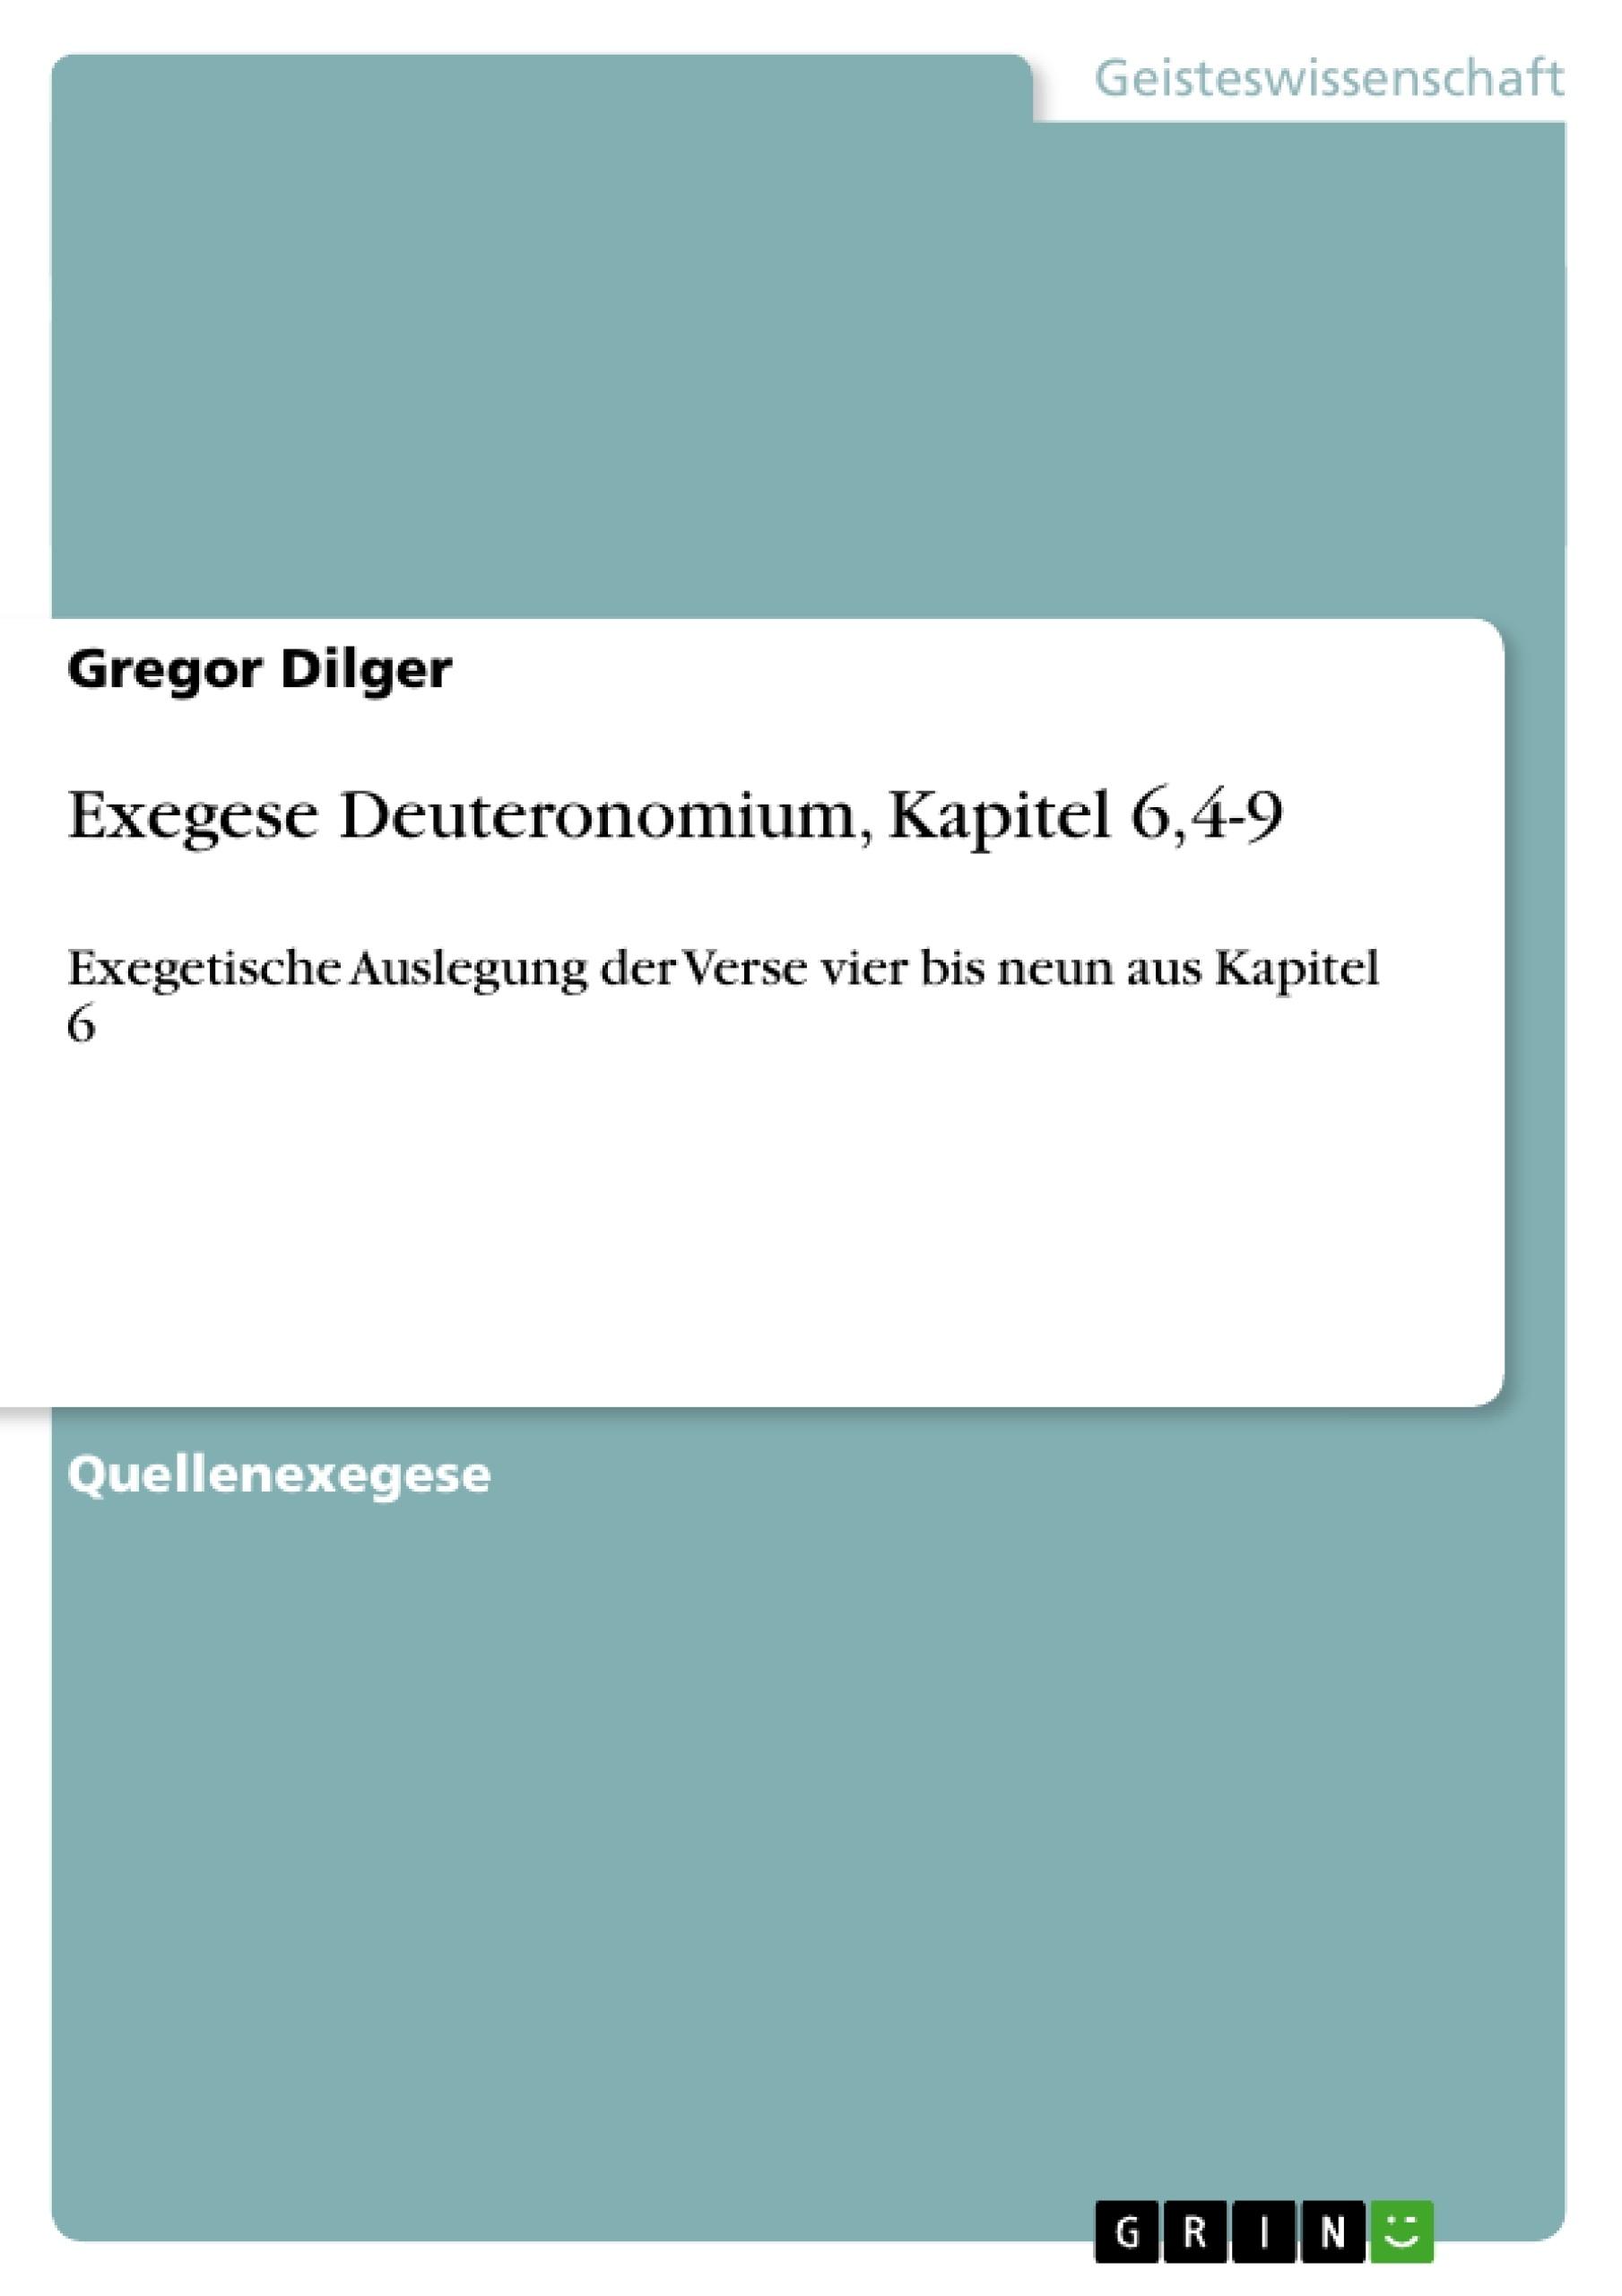 Titel: Exegese Deuteronomium, Kapitel 6,4-9